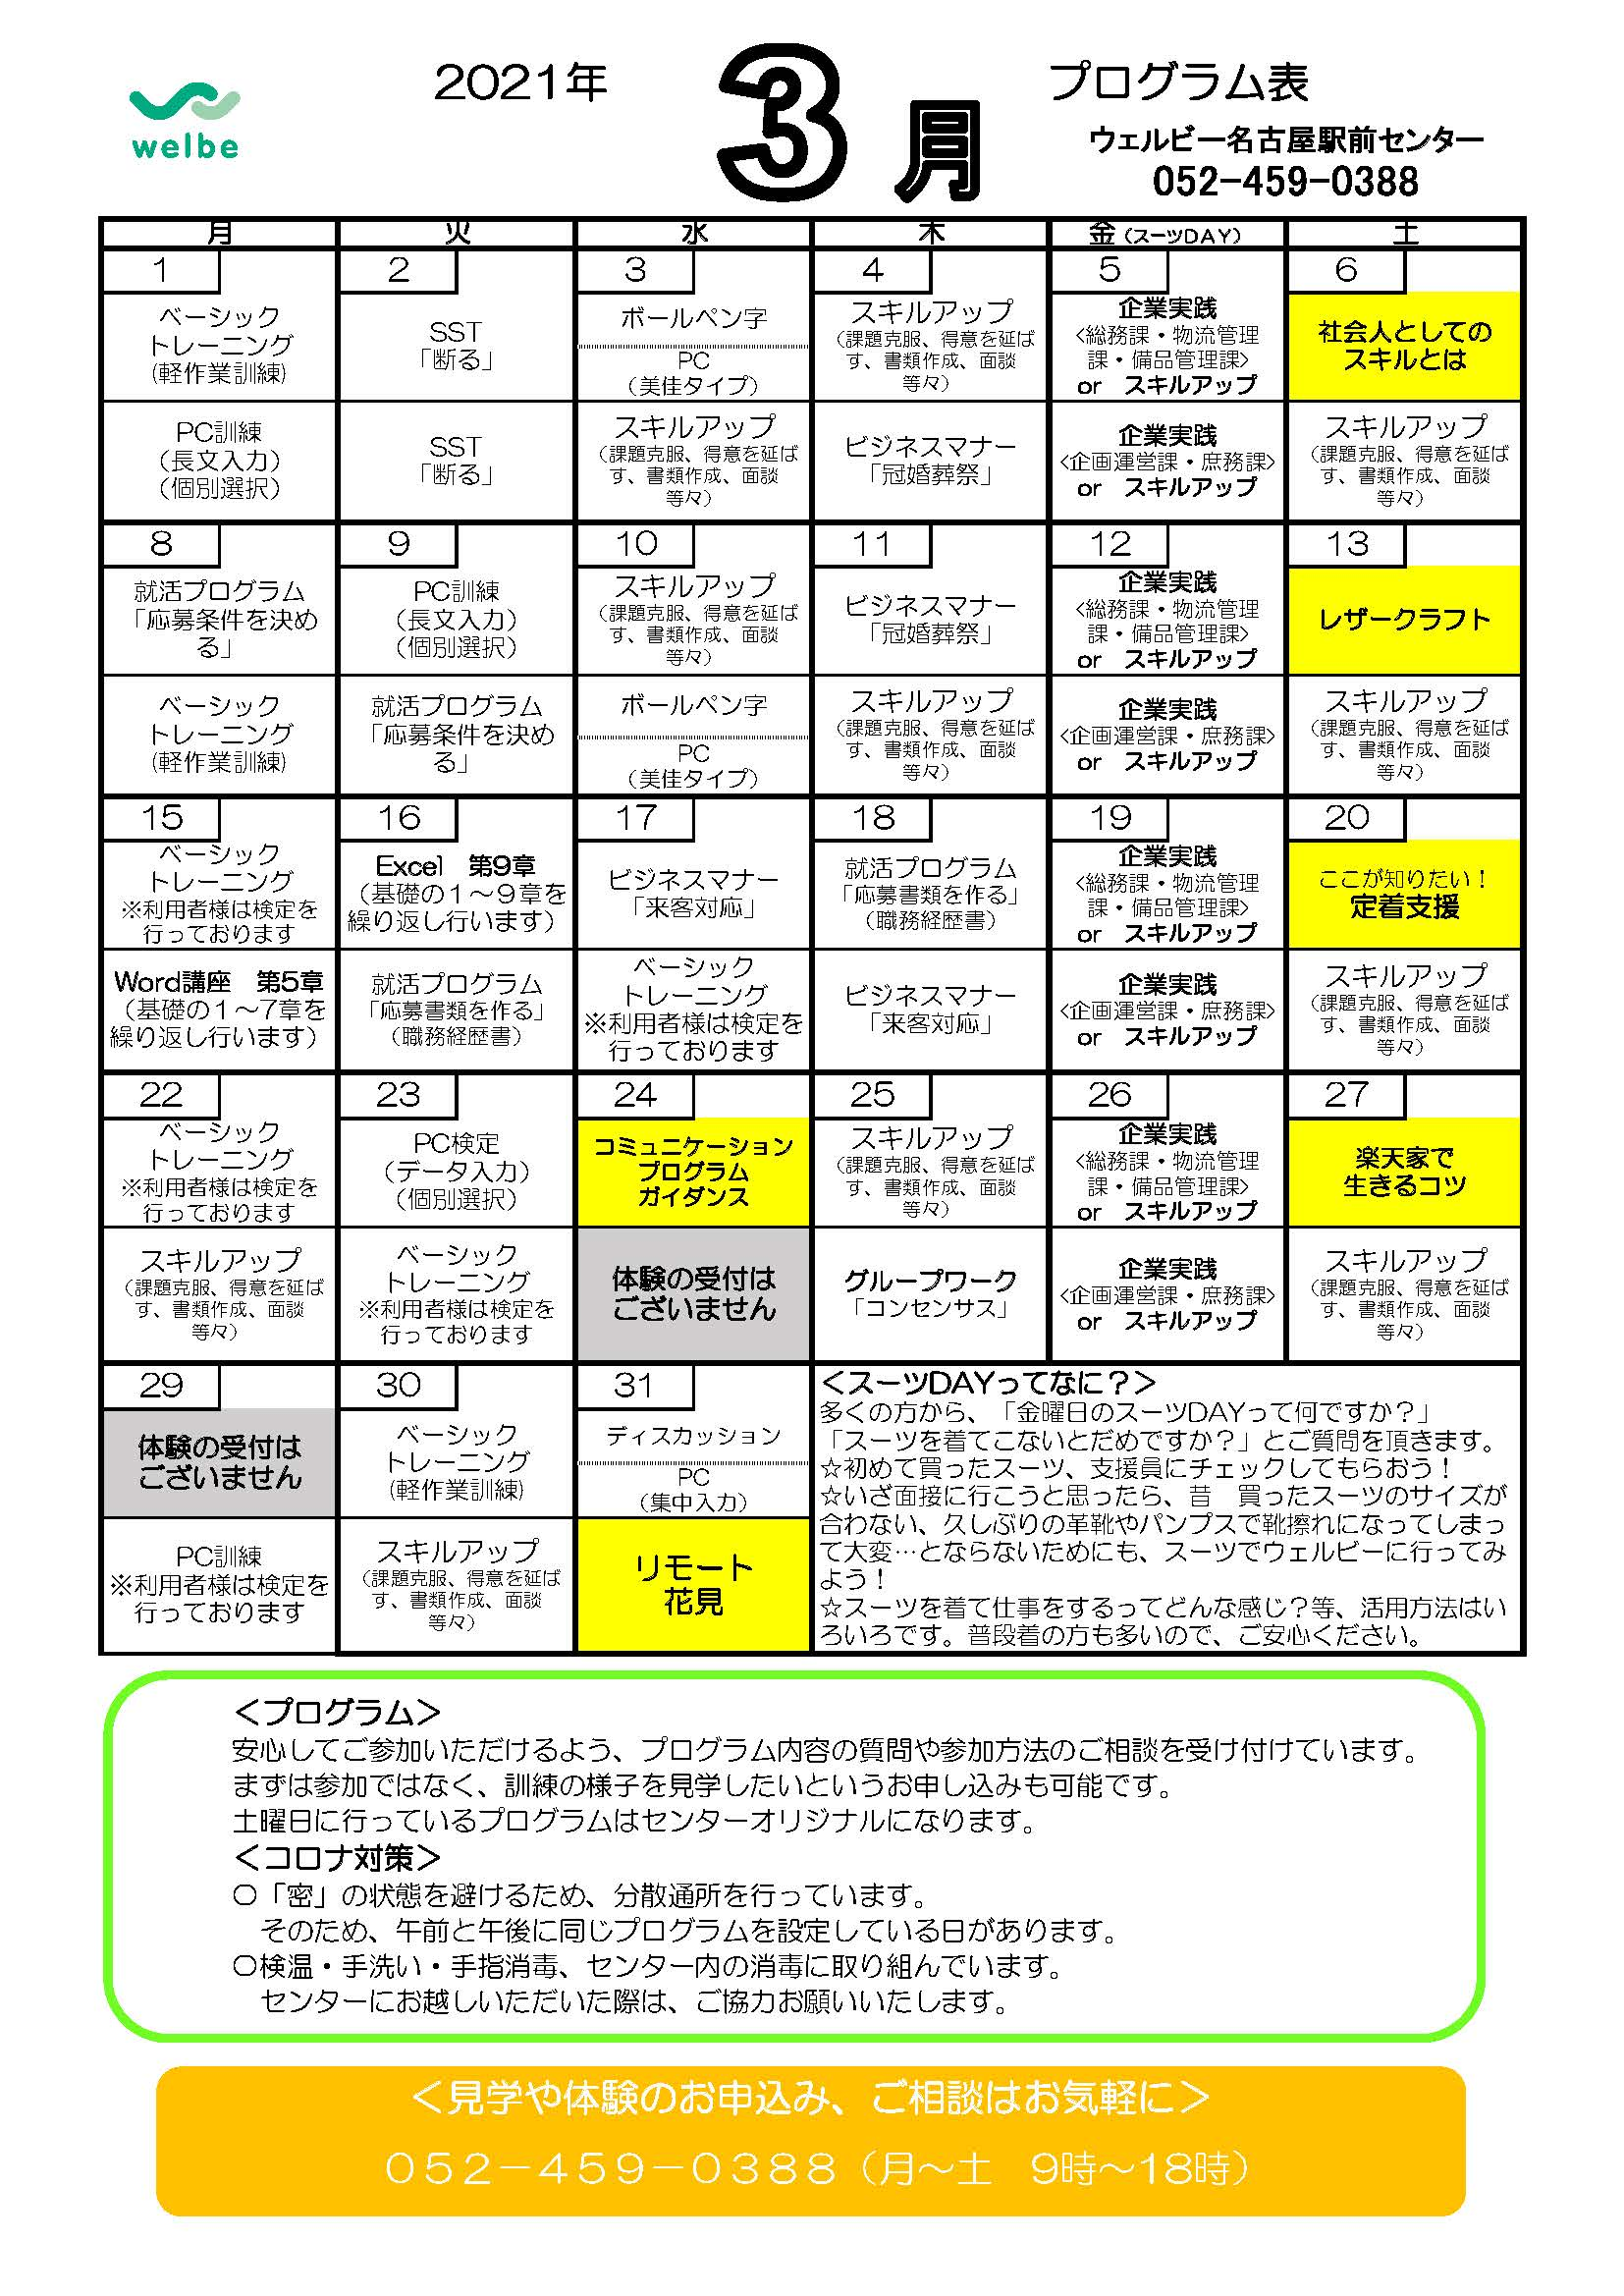 名古屋駅前センターブログ掲載用2021年3月プログラム表